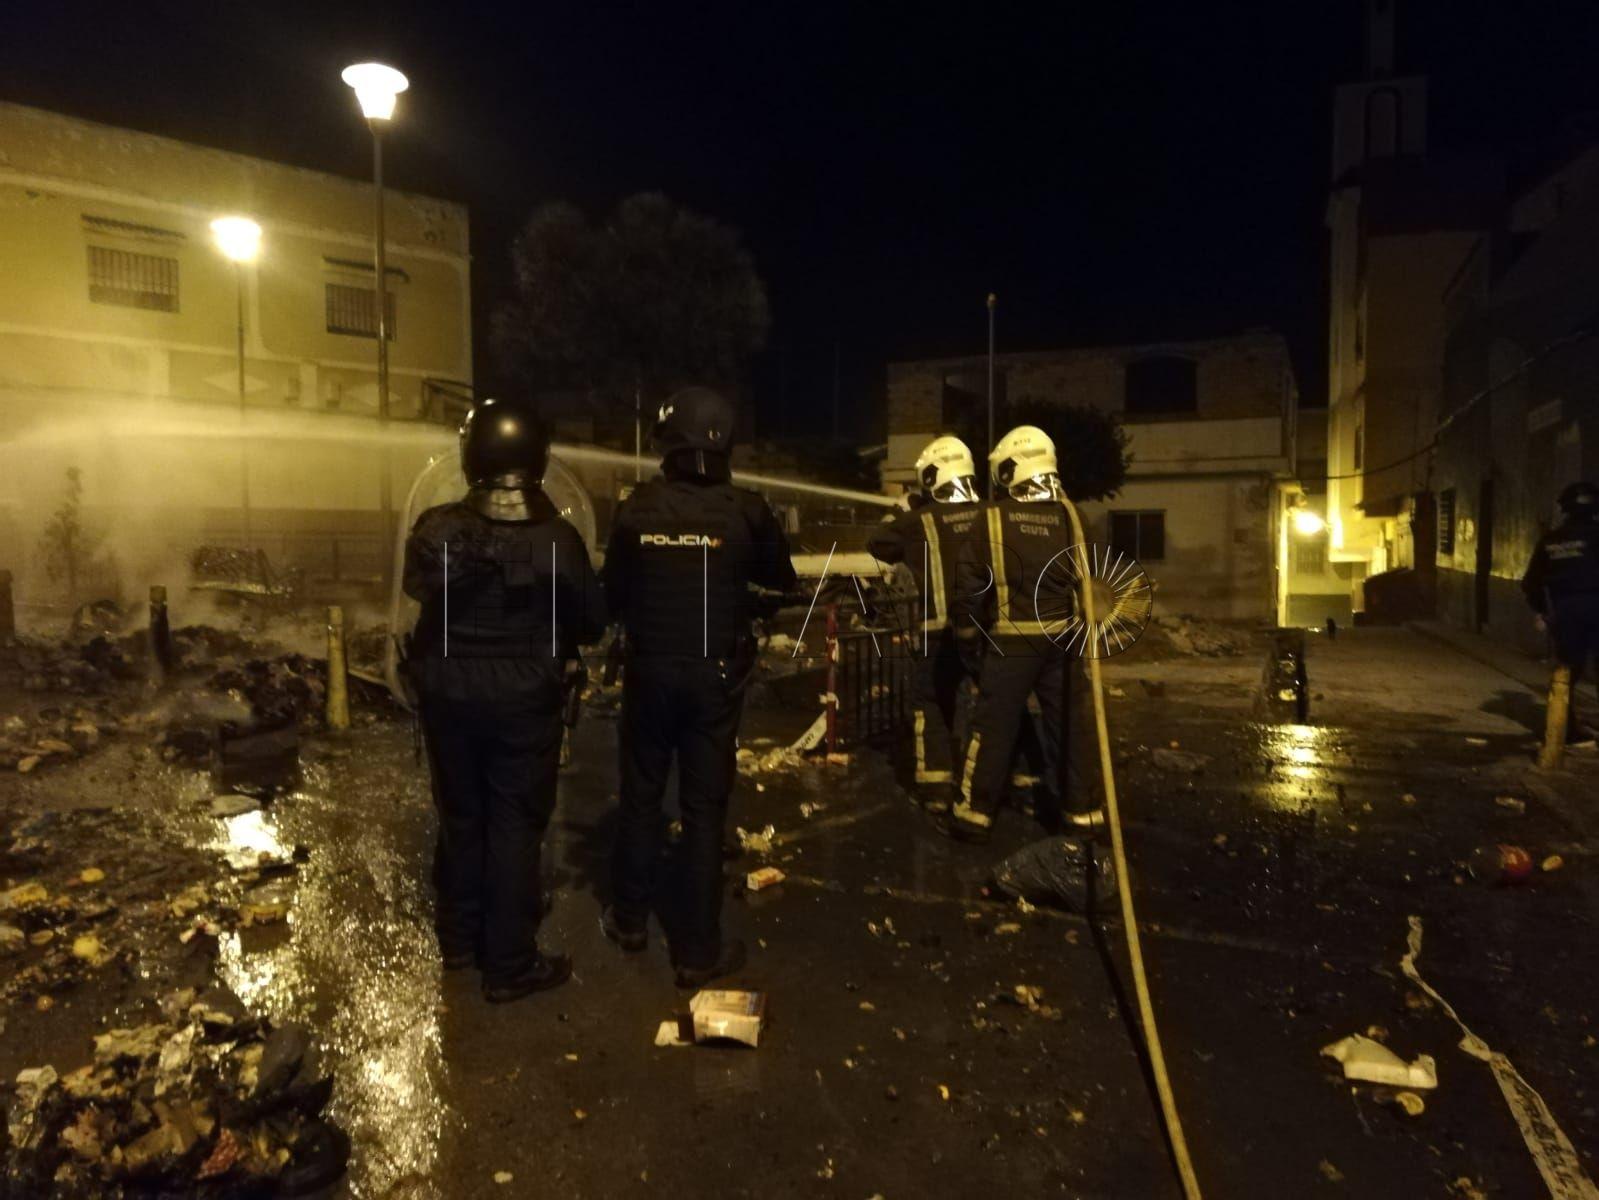 policia-nacional-emboscada-principe-contenedores-quemados-2